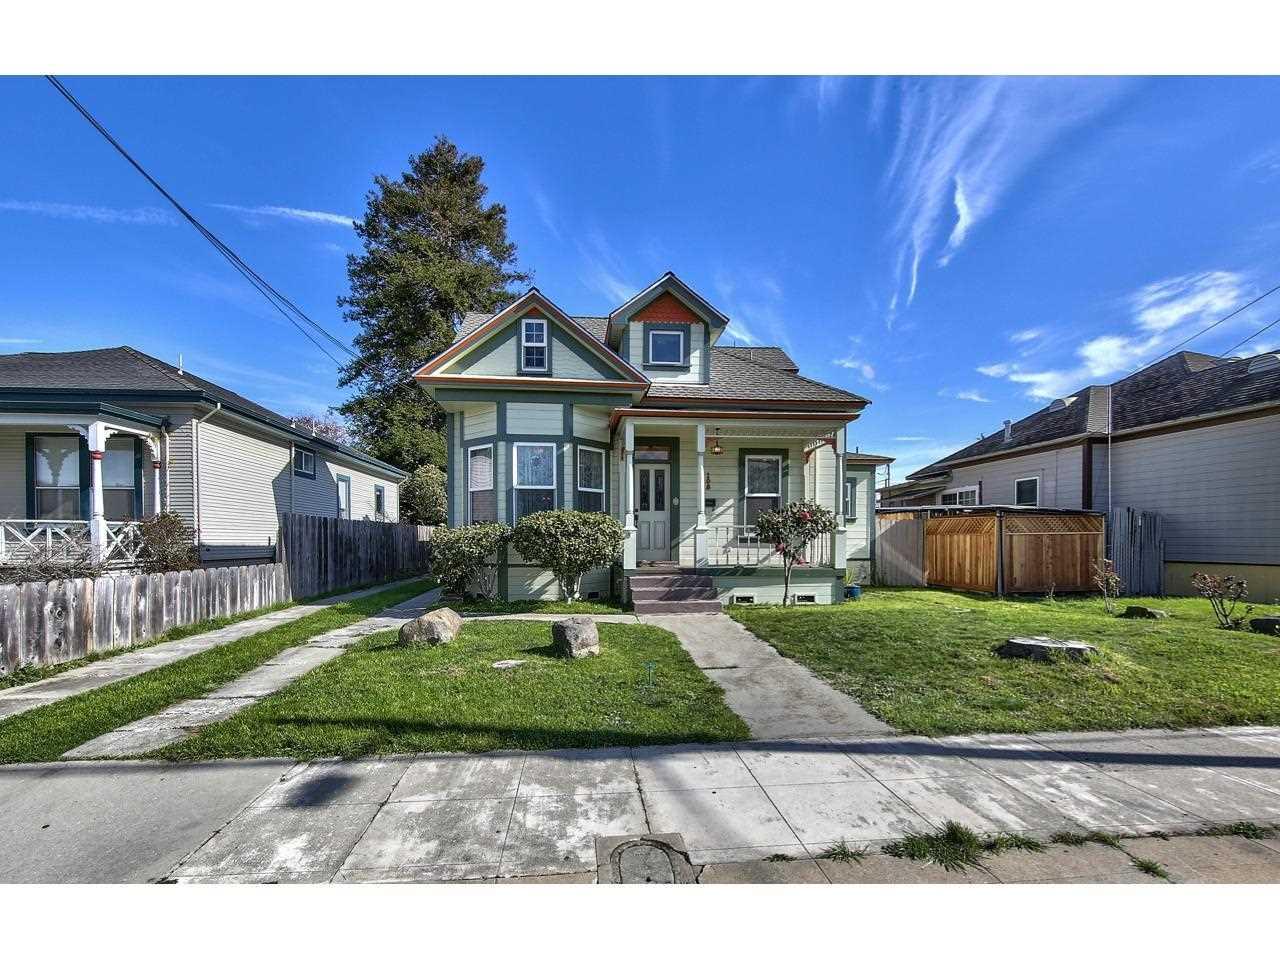 108 Jefferson St,WATSONVILLE,CA,homes for sale in WATSONVILLE Photo 1